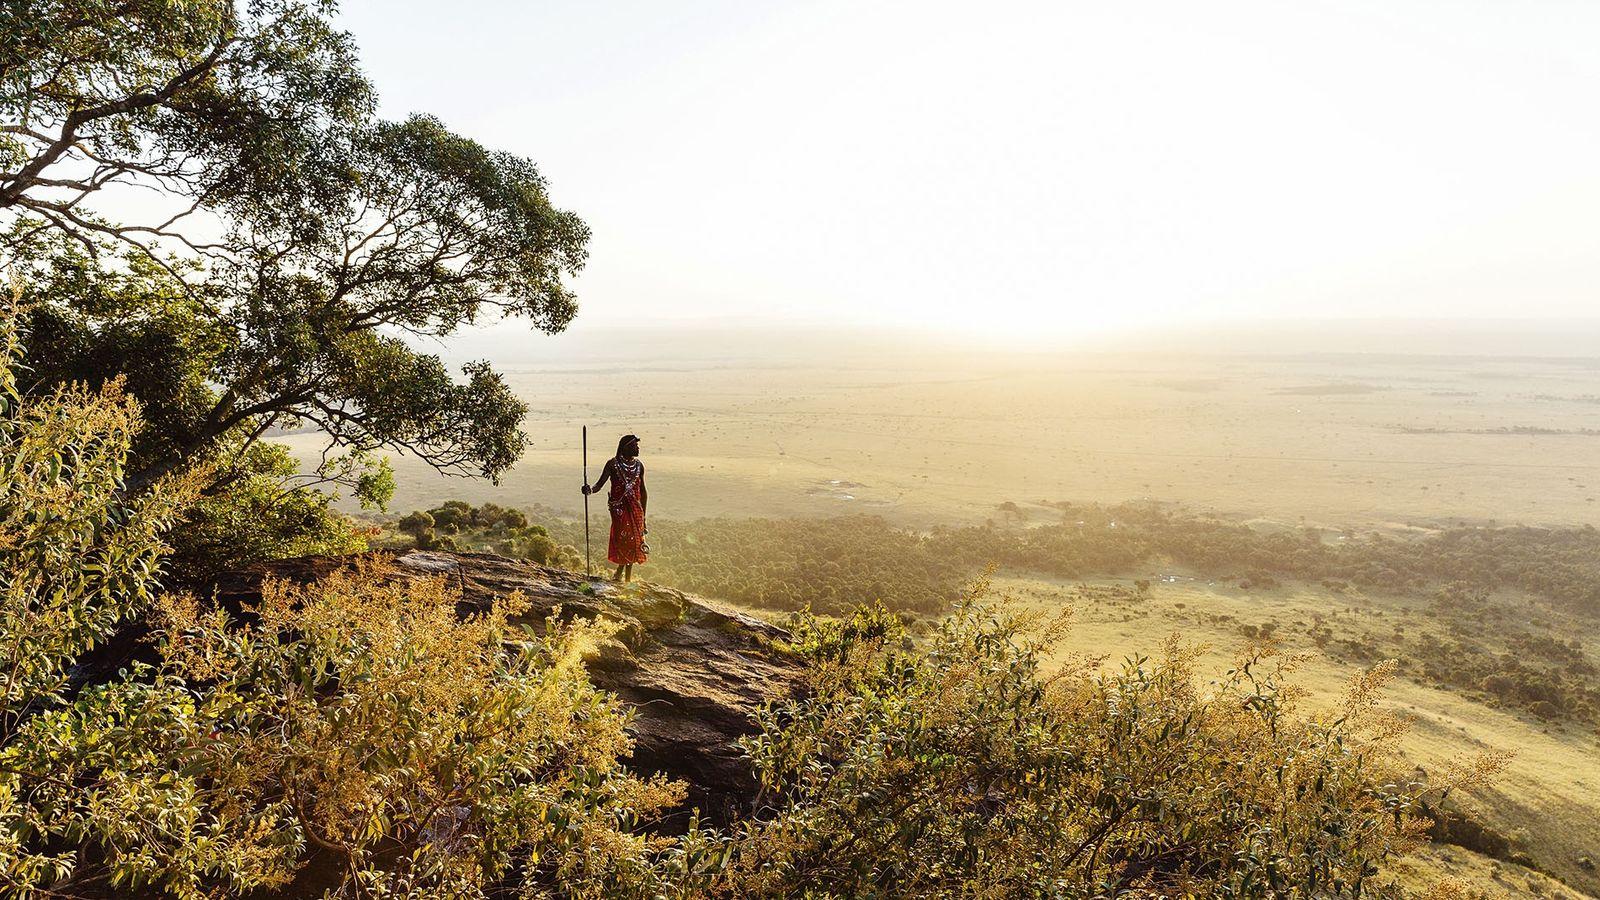 Maasai tribesman, Mara Triangle, Kenya.